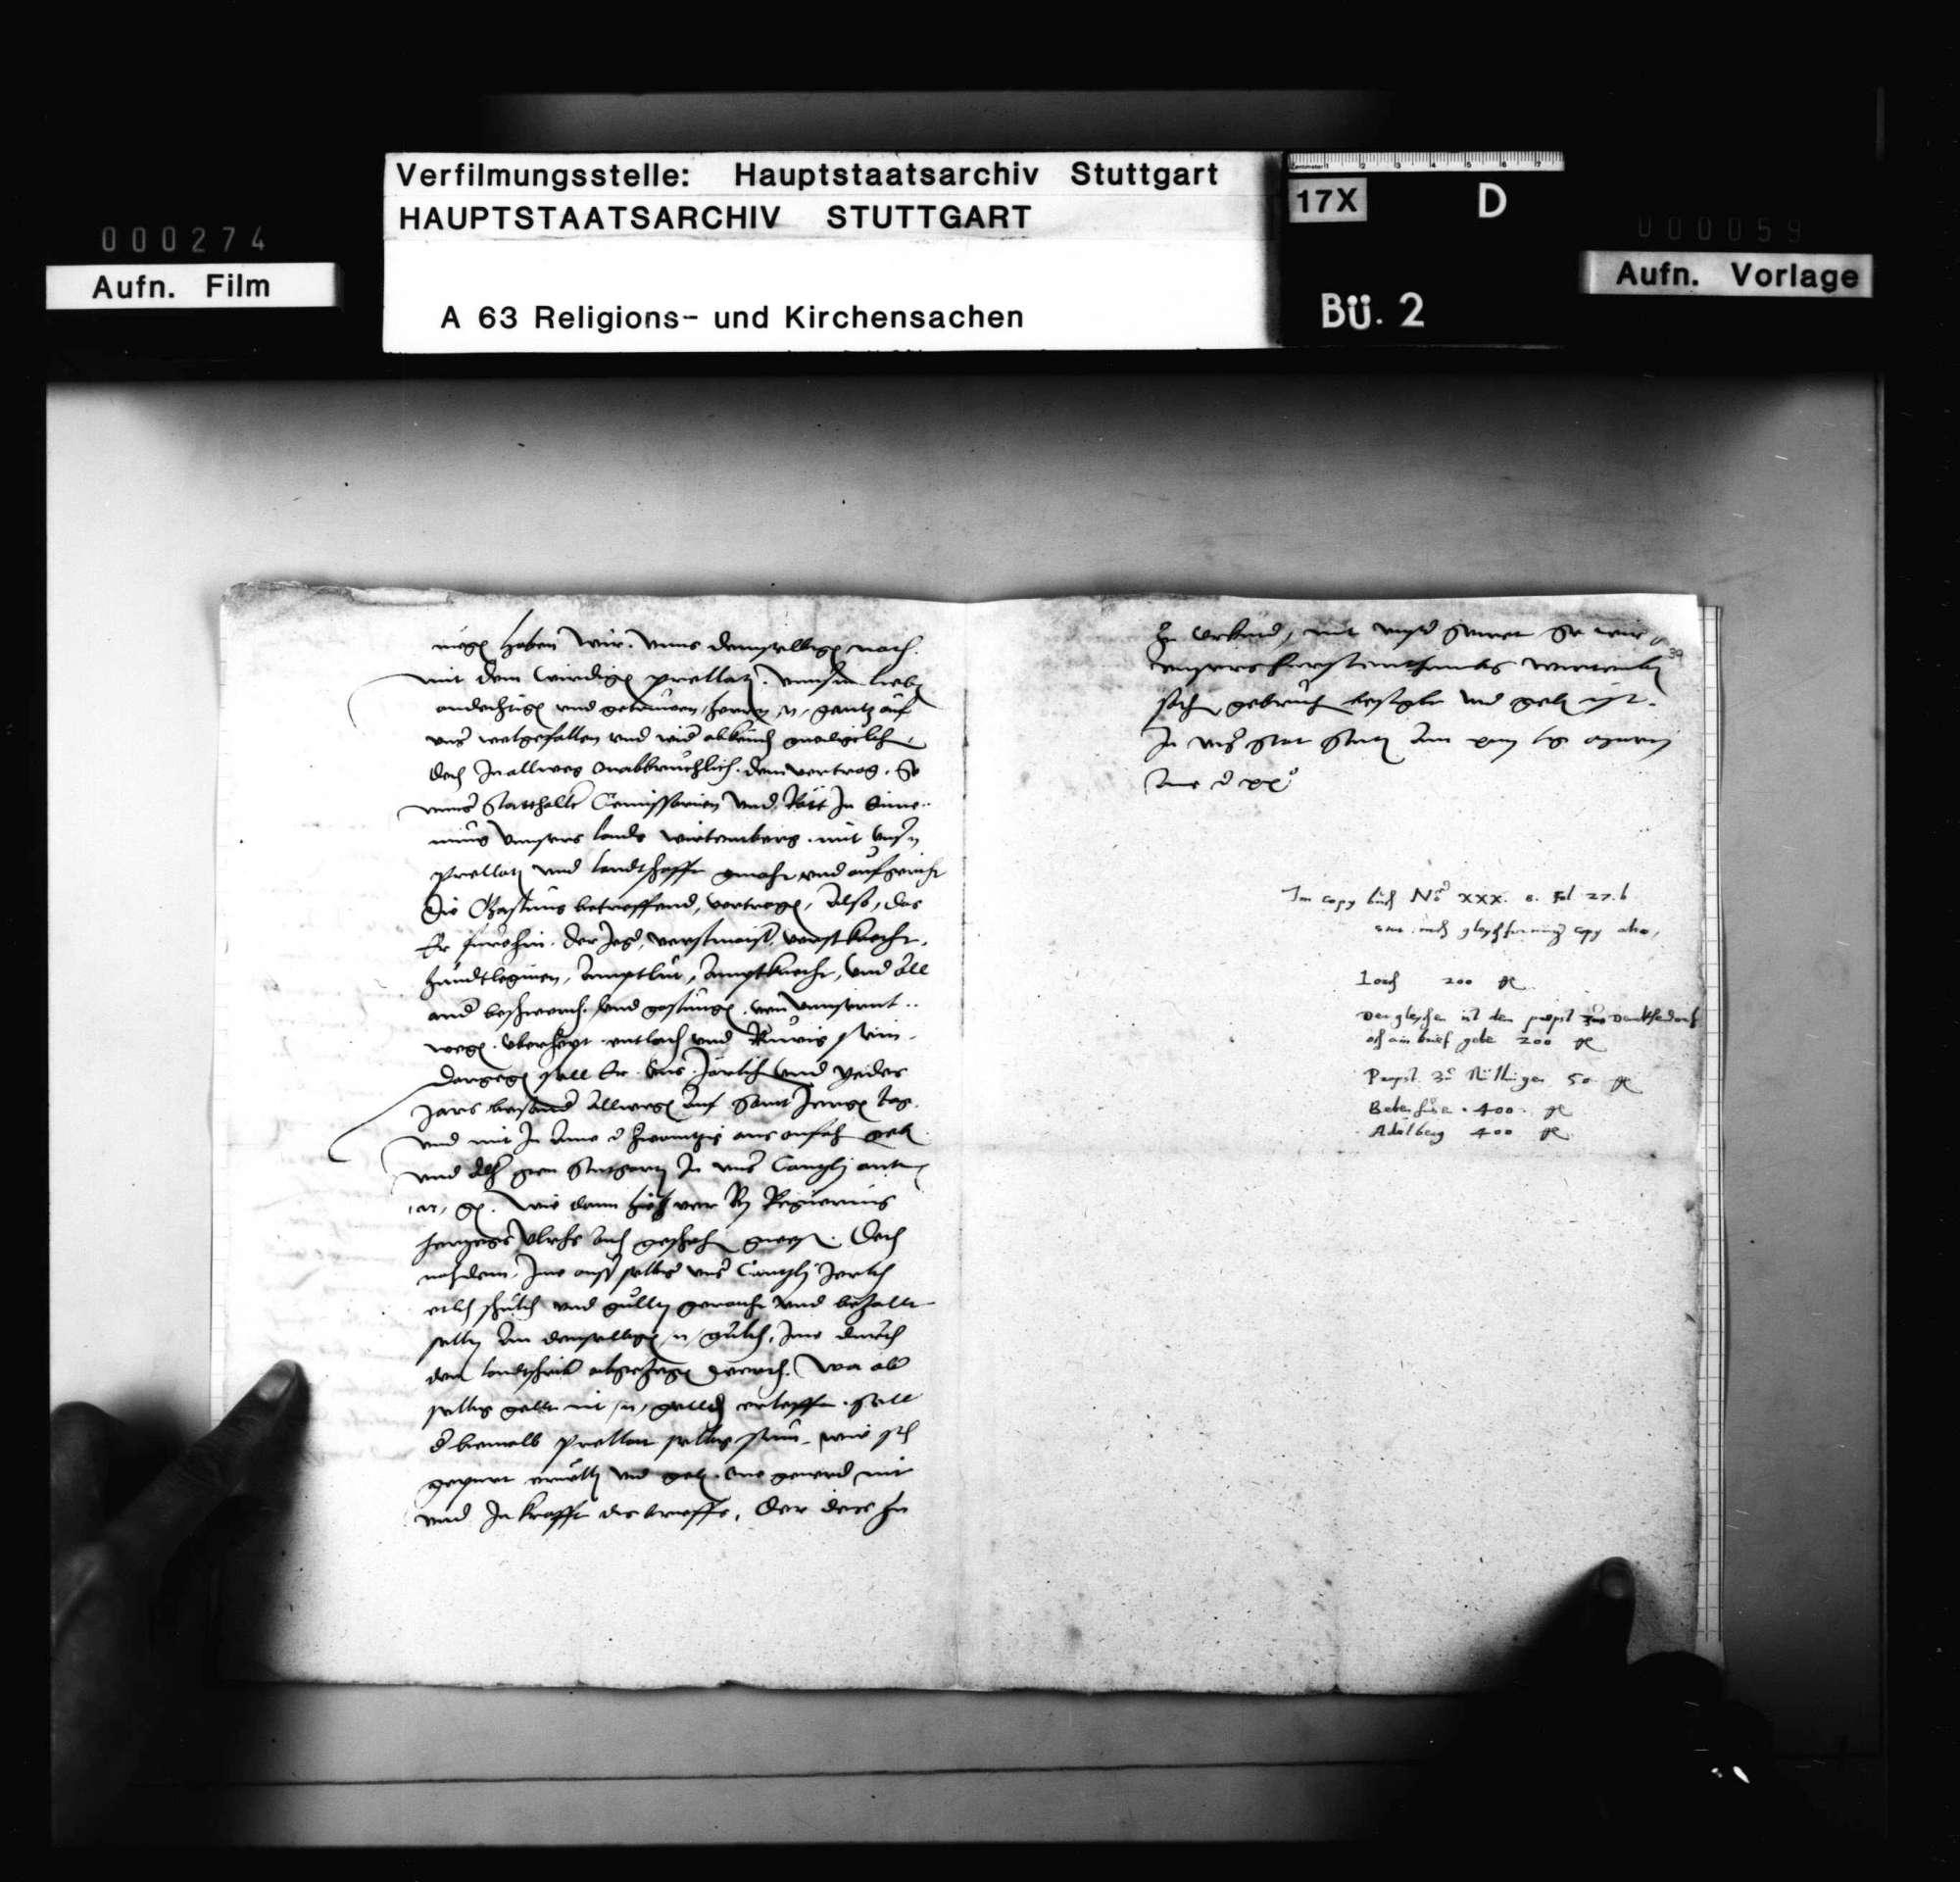 Kopie eines Vertrags zwischen König (Kaiser) Karl V. und den Prälaten von Lorch, Denkendorf, Nellingen, Bebenhausen und Adelberg, Bild 3